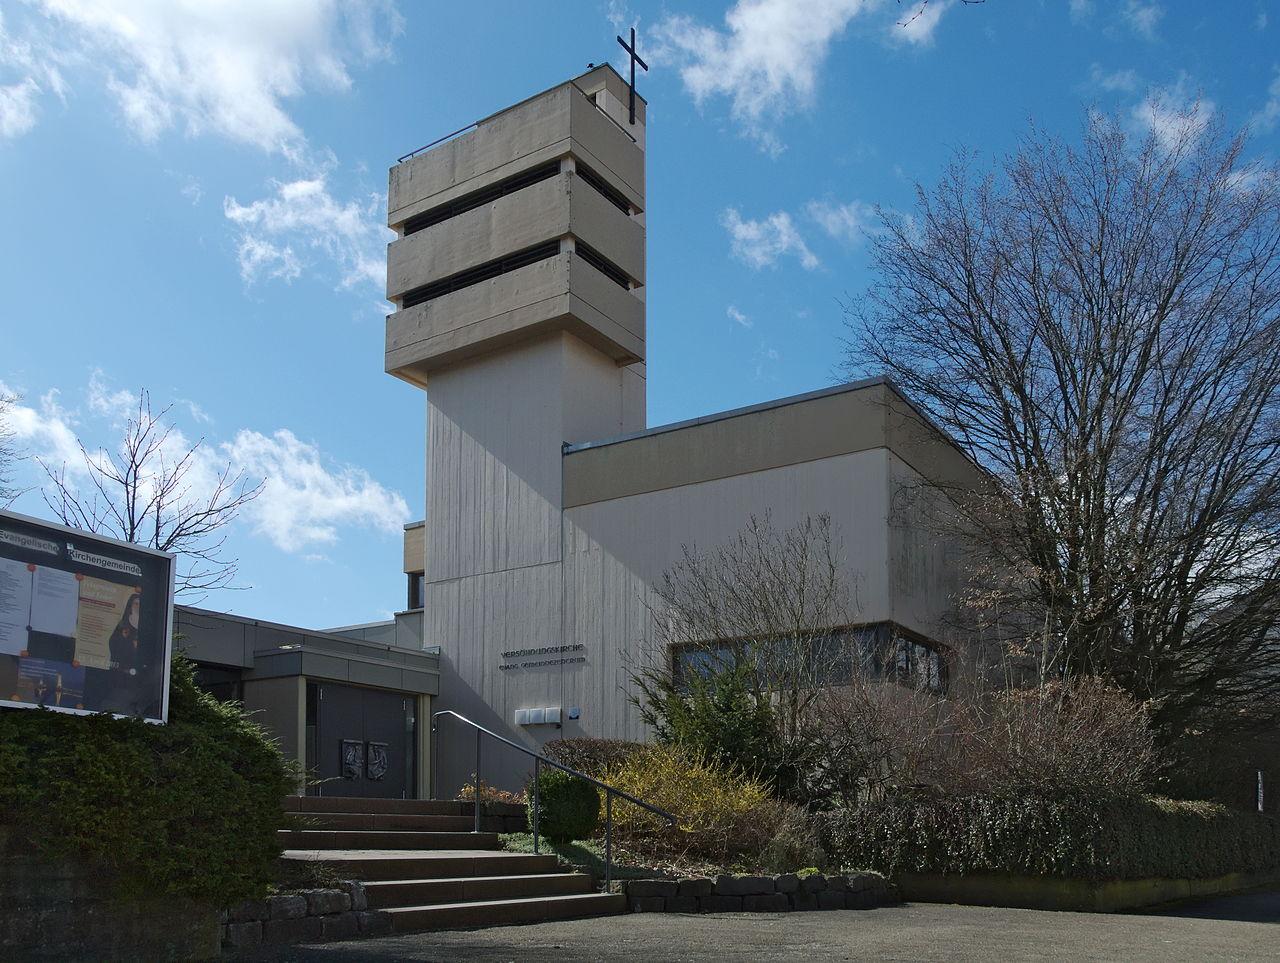 1280px-Bettringen-Versöhnungskirche-1.jpg